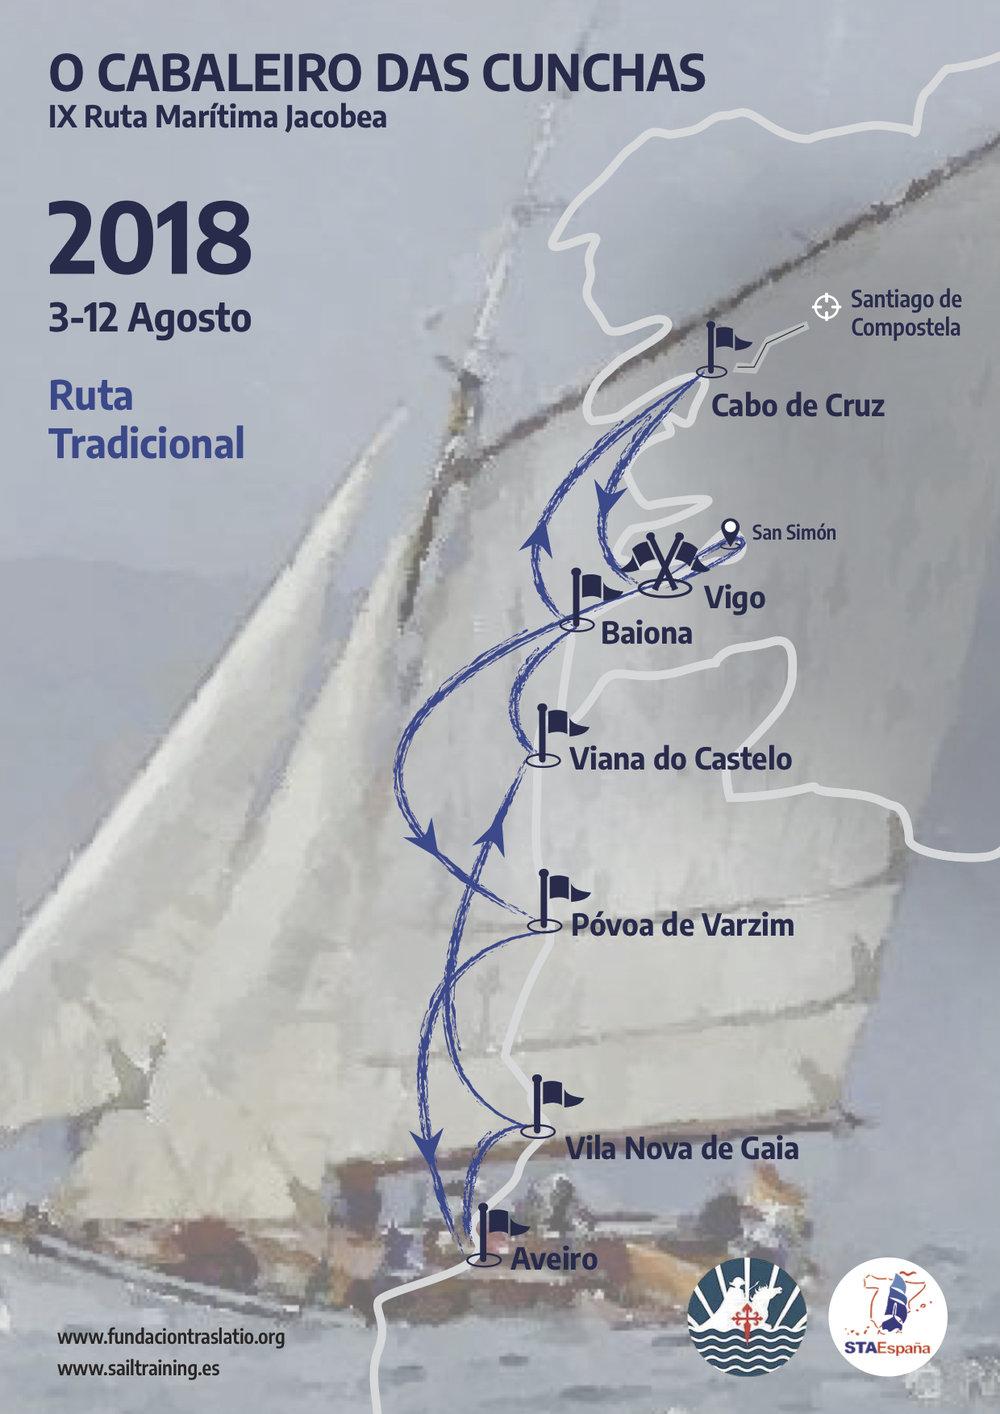 RUTA DO CABALEIRO - cartel_2018_ruta tradicional.jpg